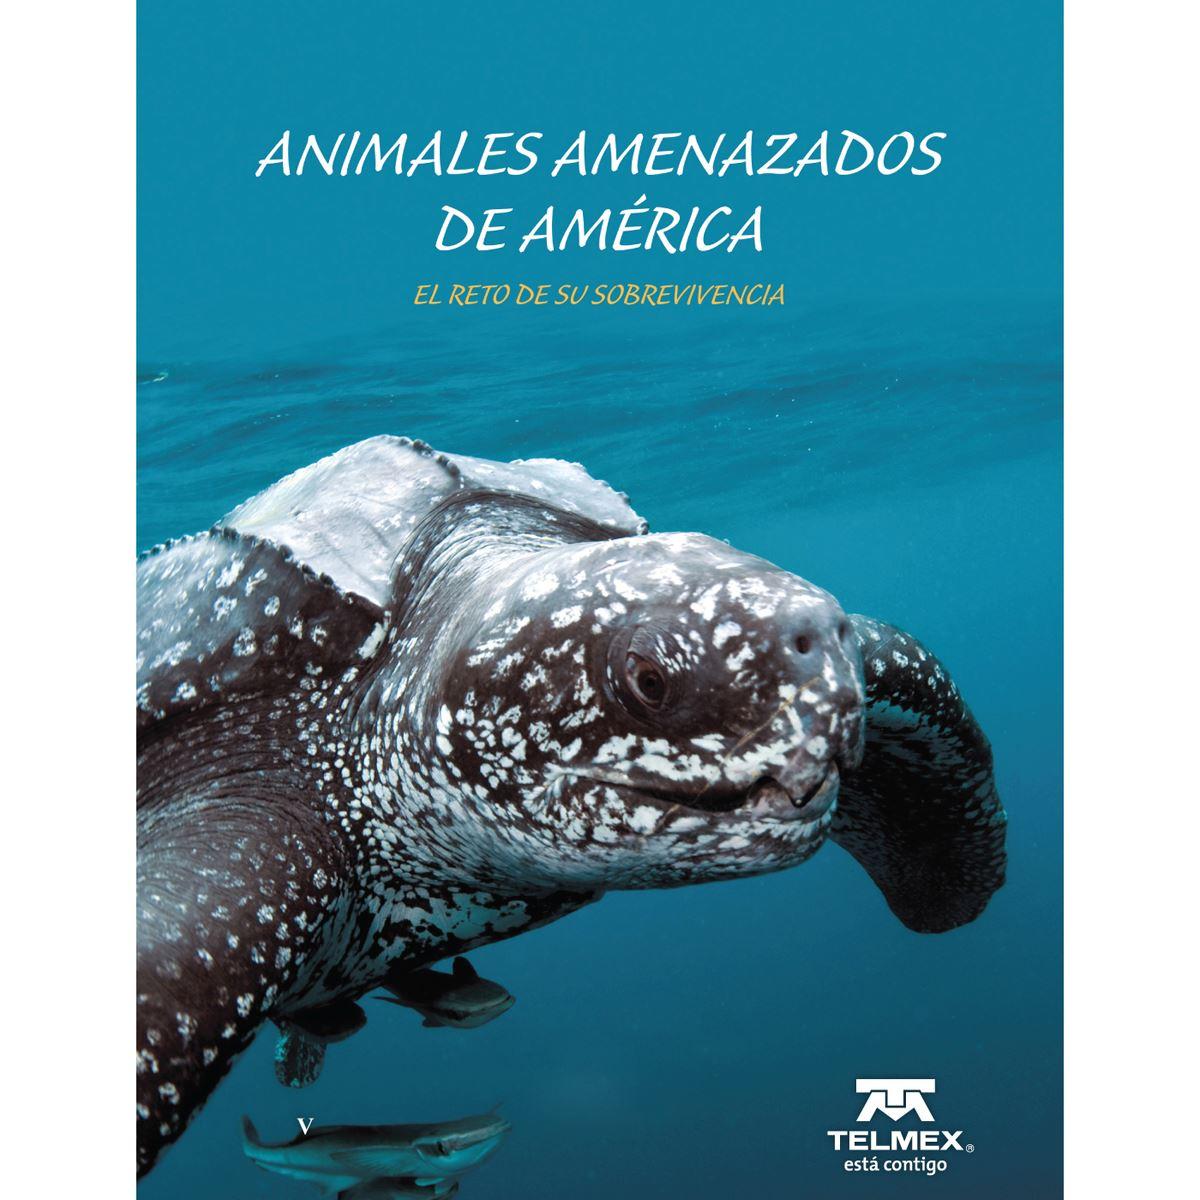 Animales amenzados de America